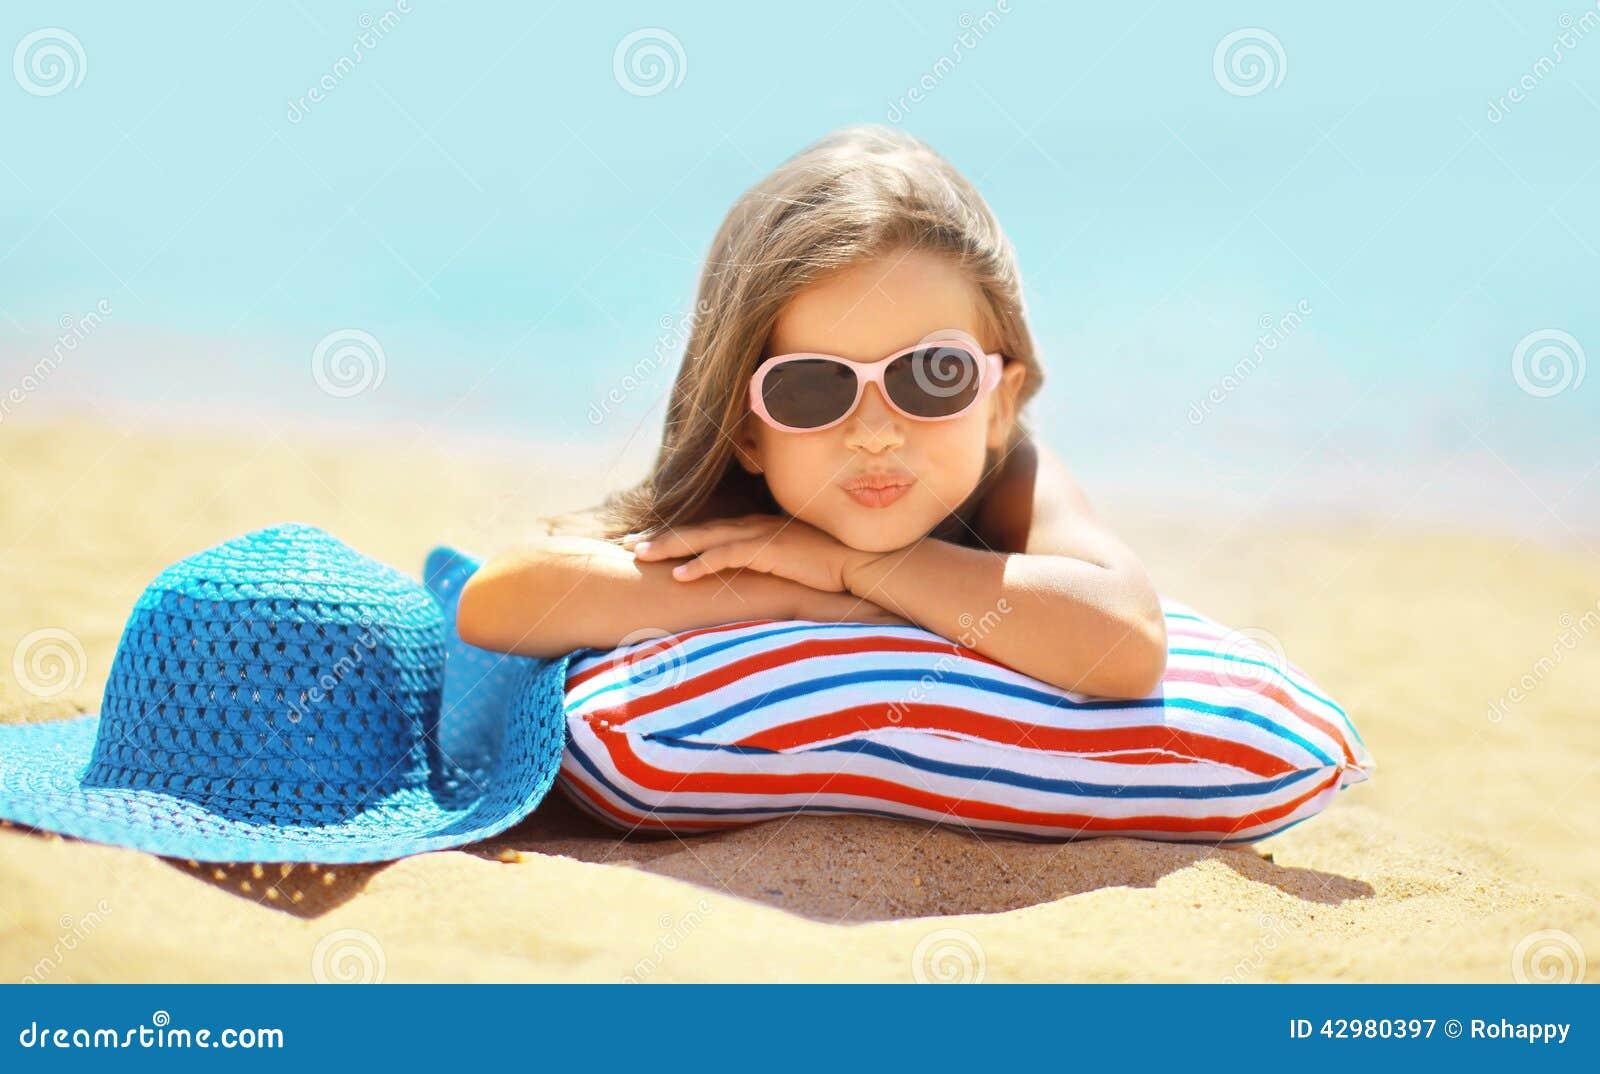 Sommerferienkonzept, frohes Kind